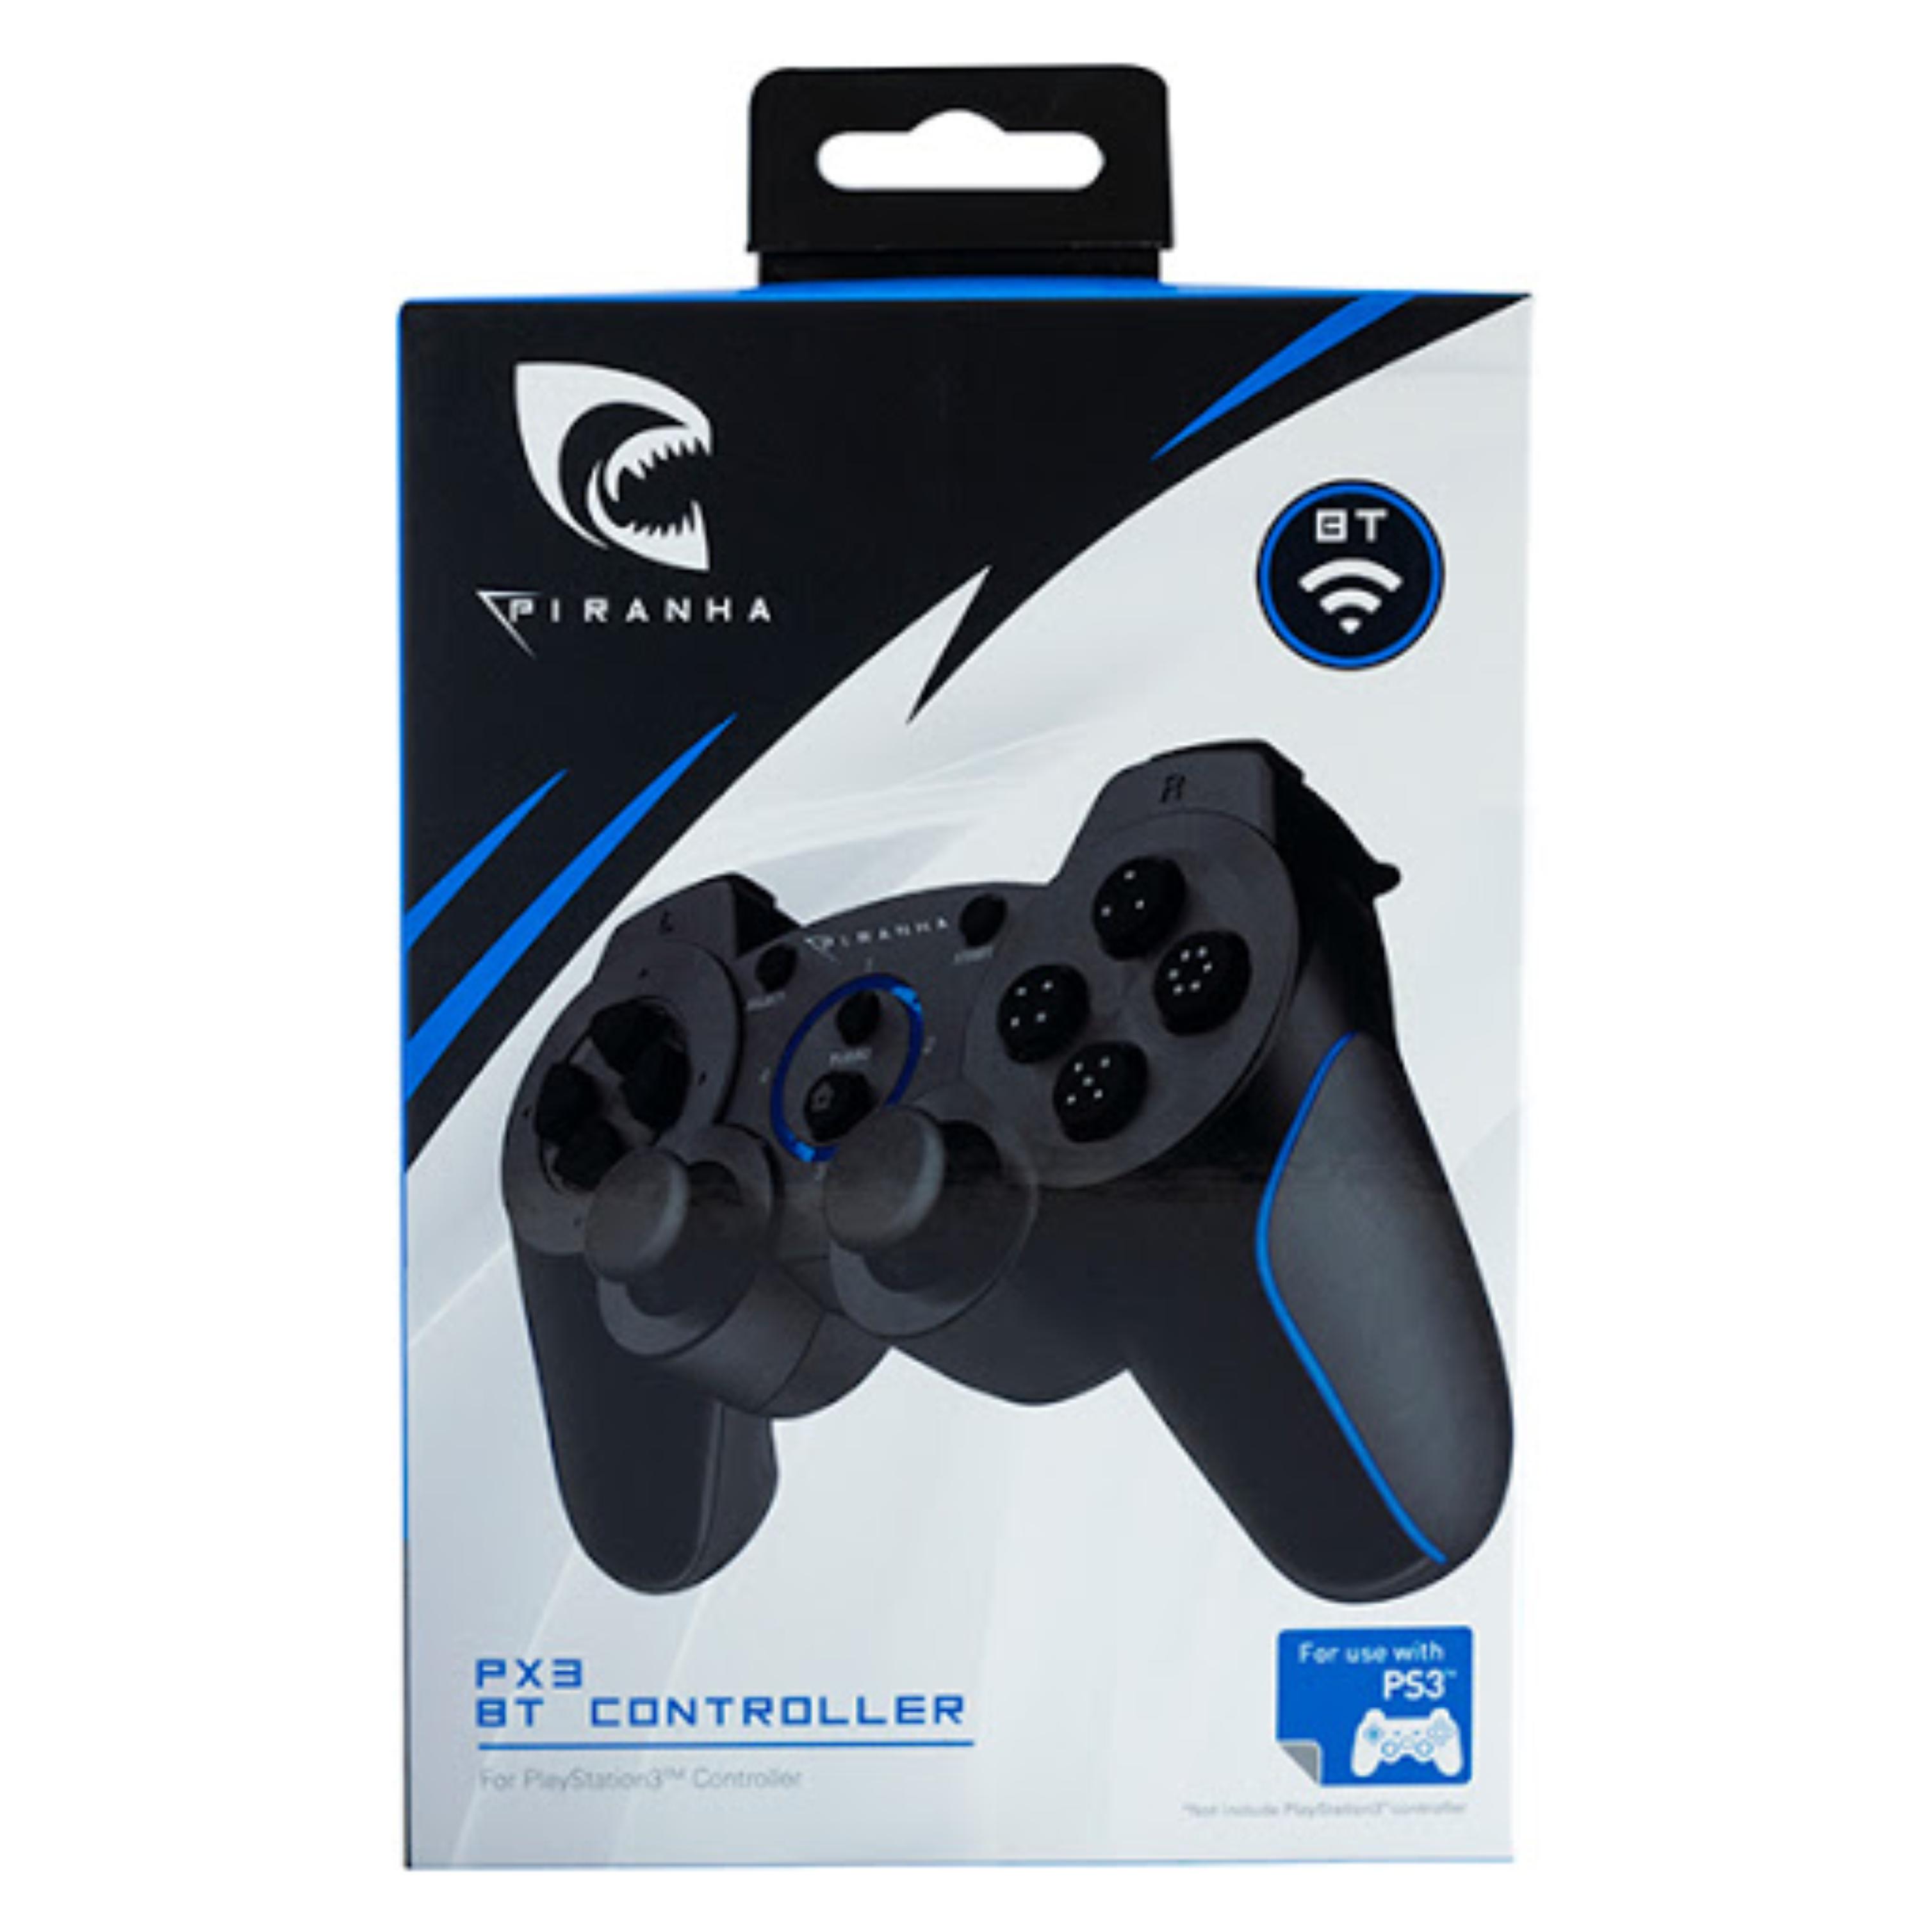 PS3 bezdrátový Piranha PX3 (nové)